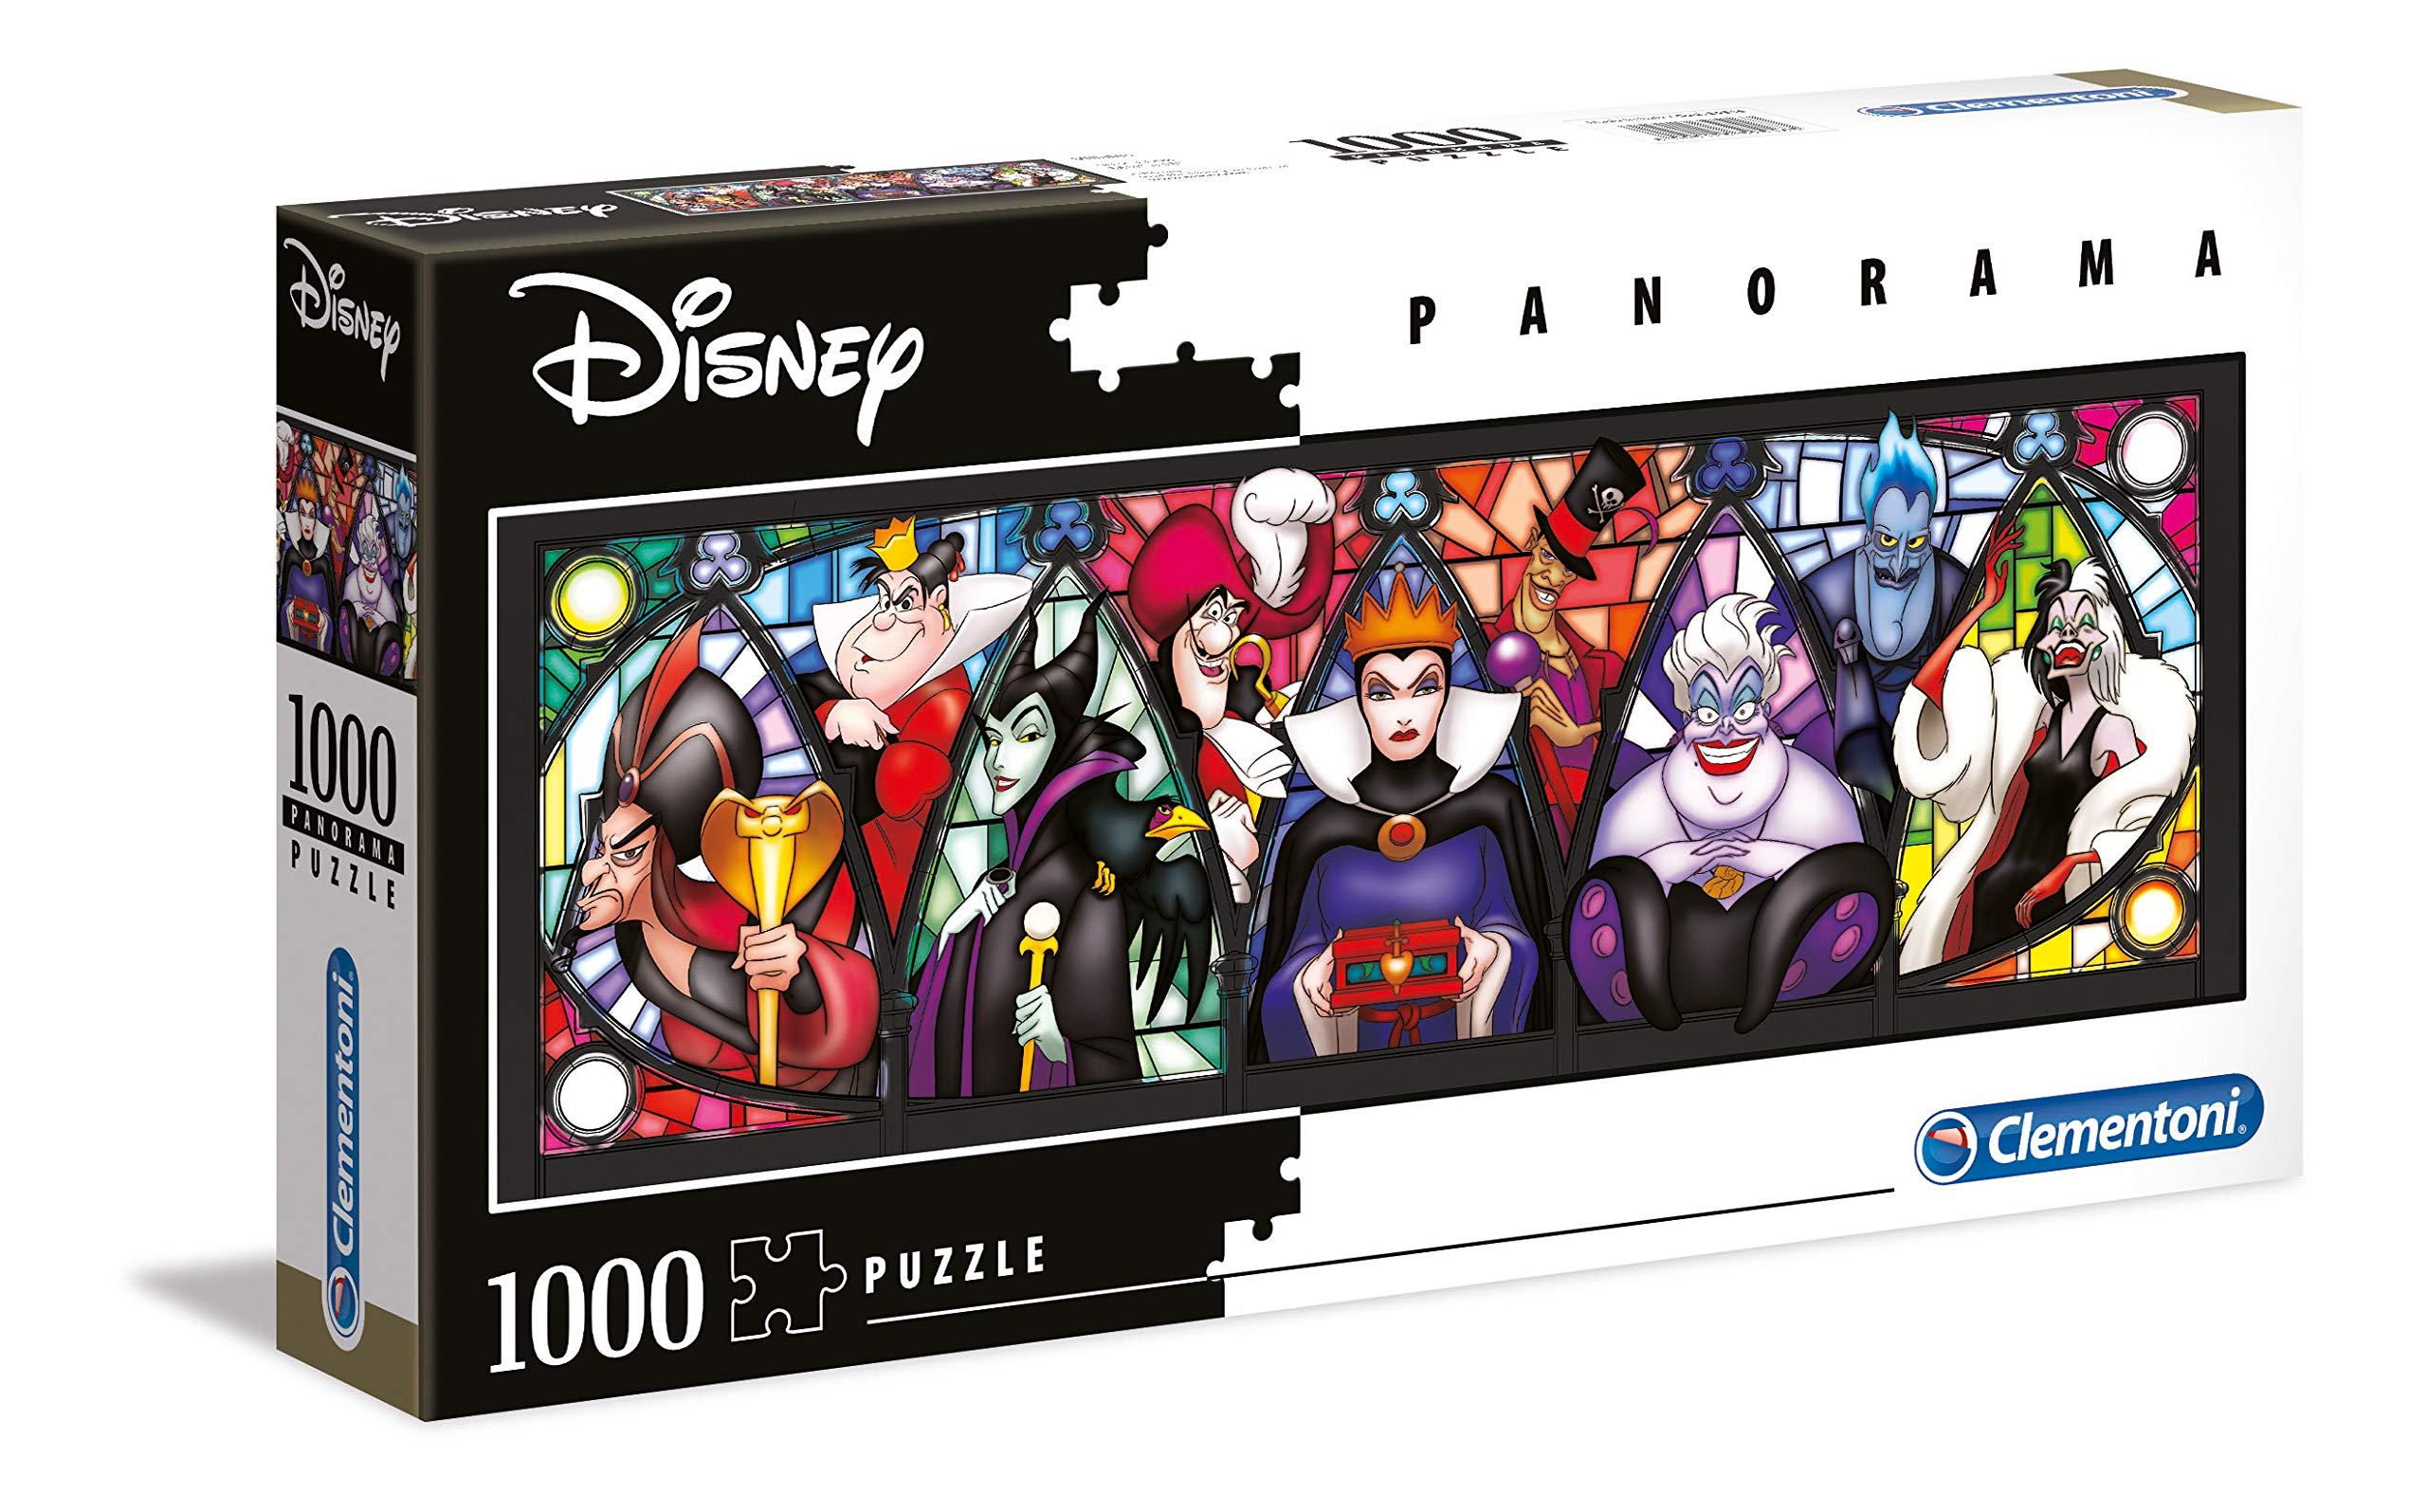 Clementoni 39516 Panorama 1000pc Puzzle-Villains